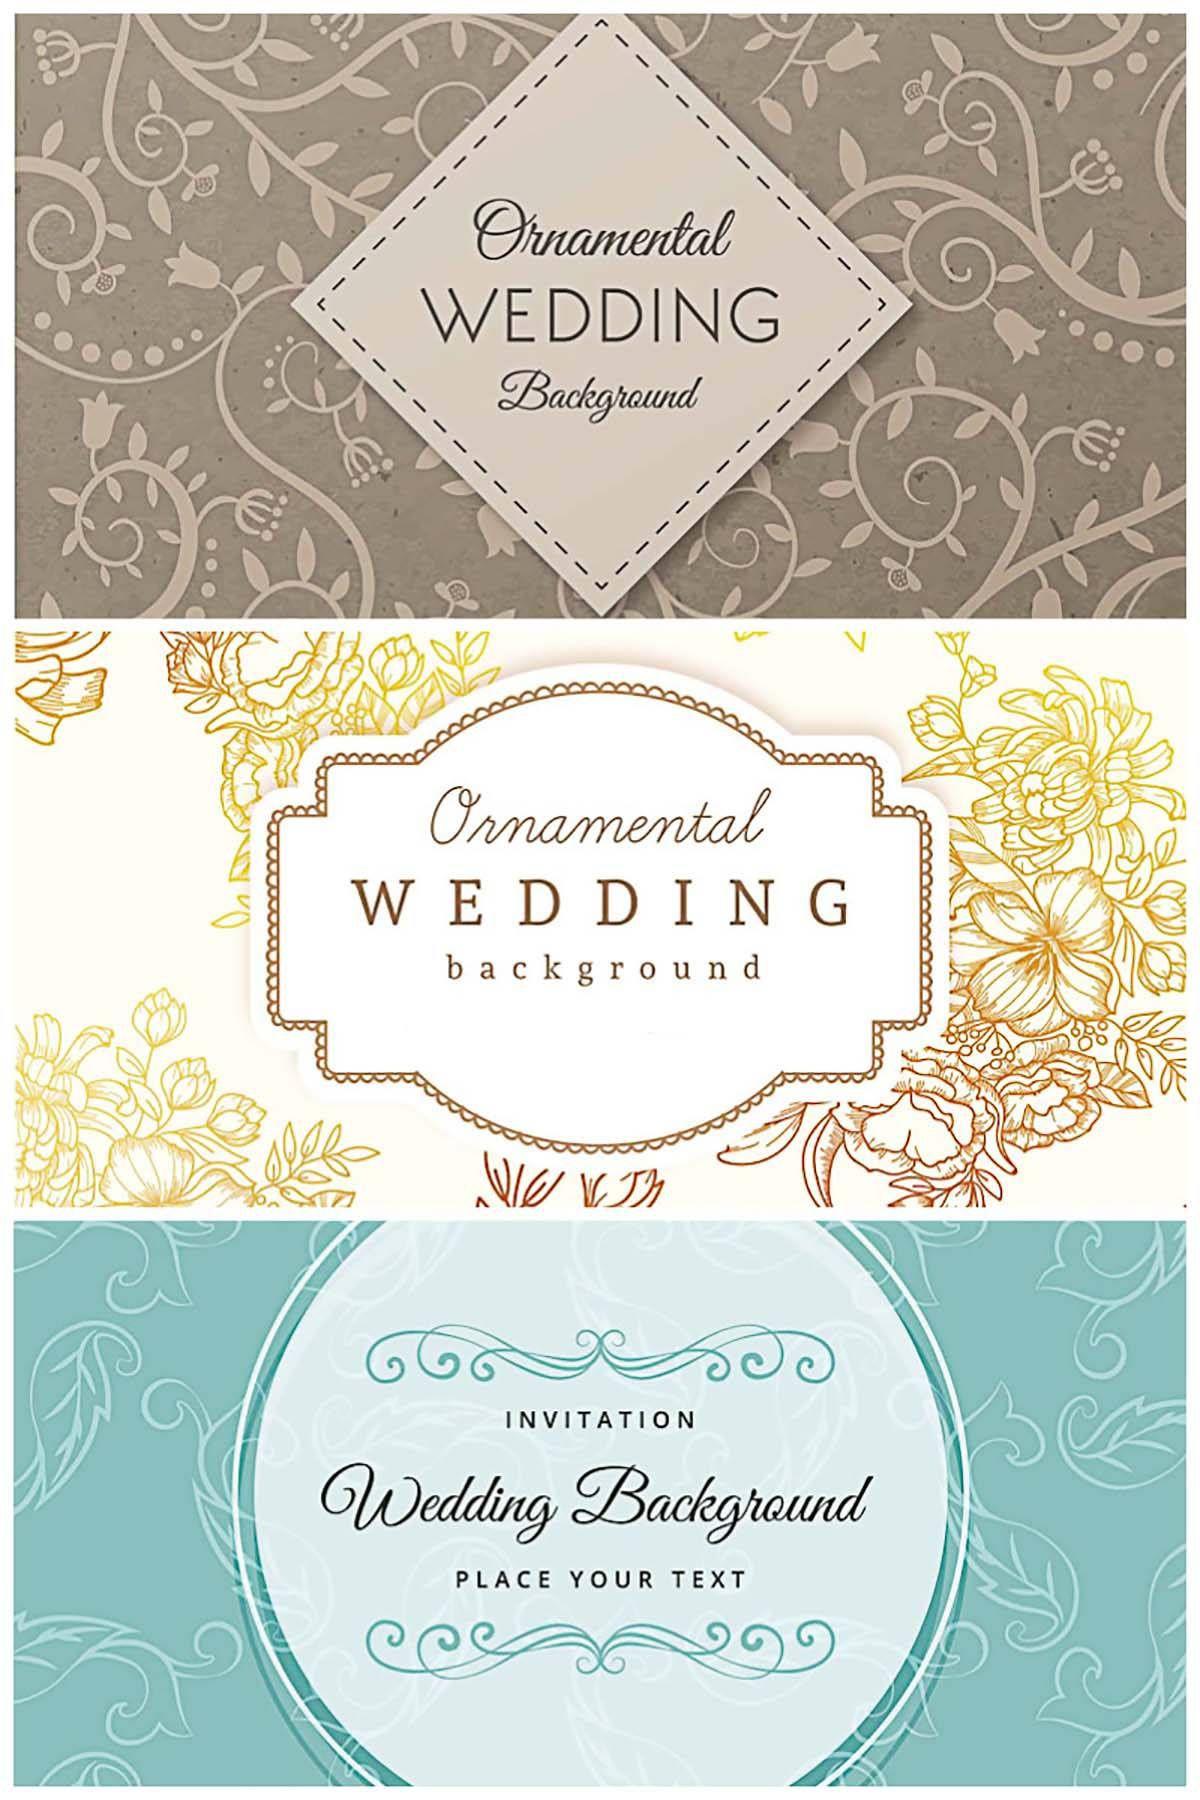 Wedding Invite Template : Wedding Invite Template Rustic - Superb ...